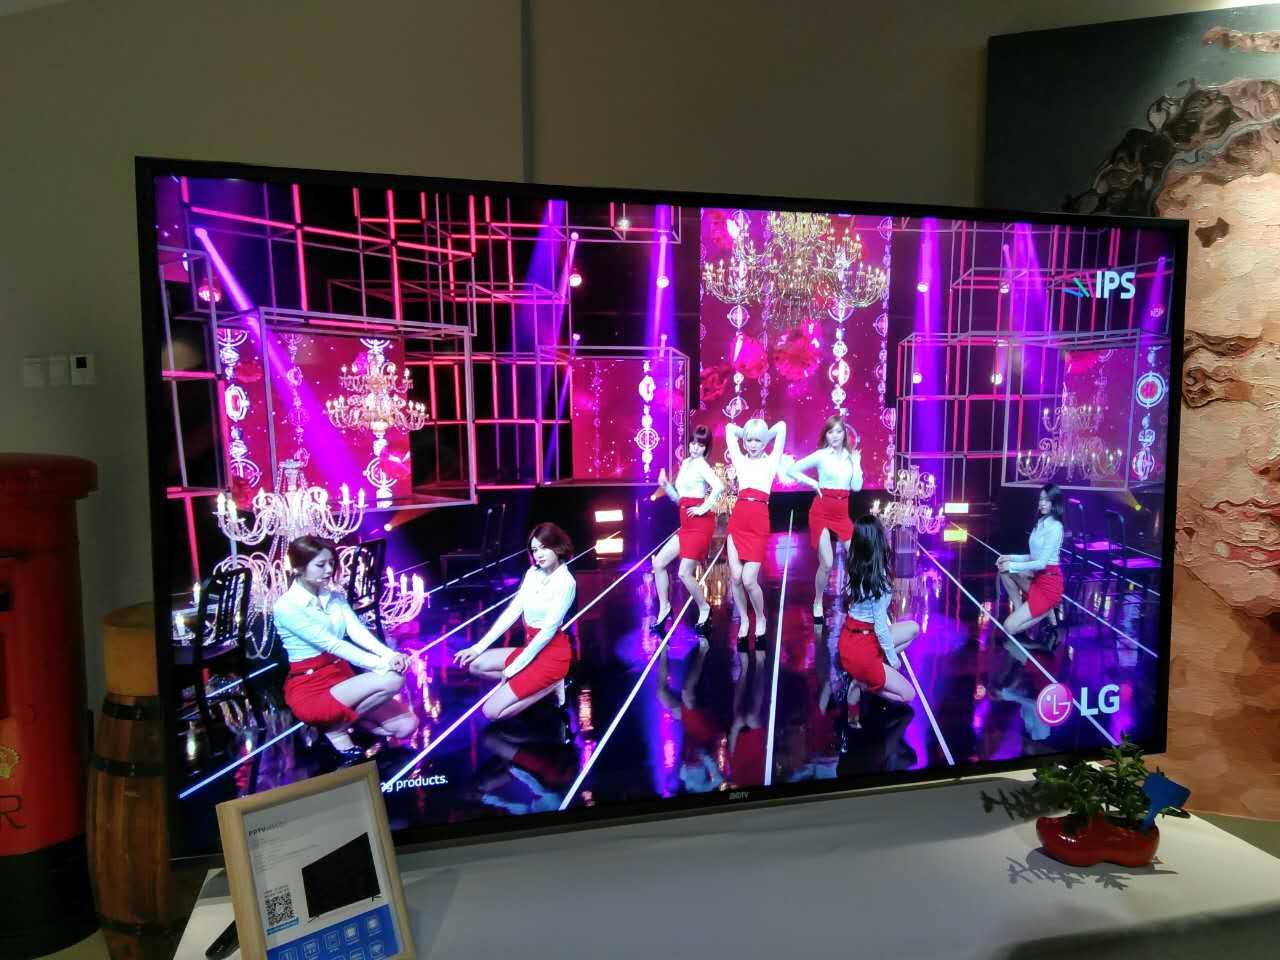 65寸聚力PPTV电视卖3999 比小米还便宜?的照片 - 1